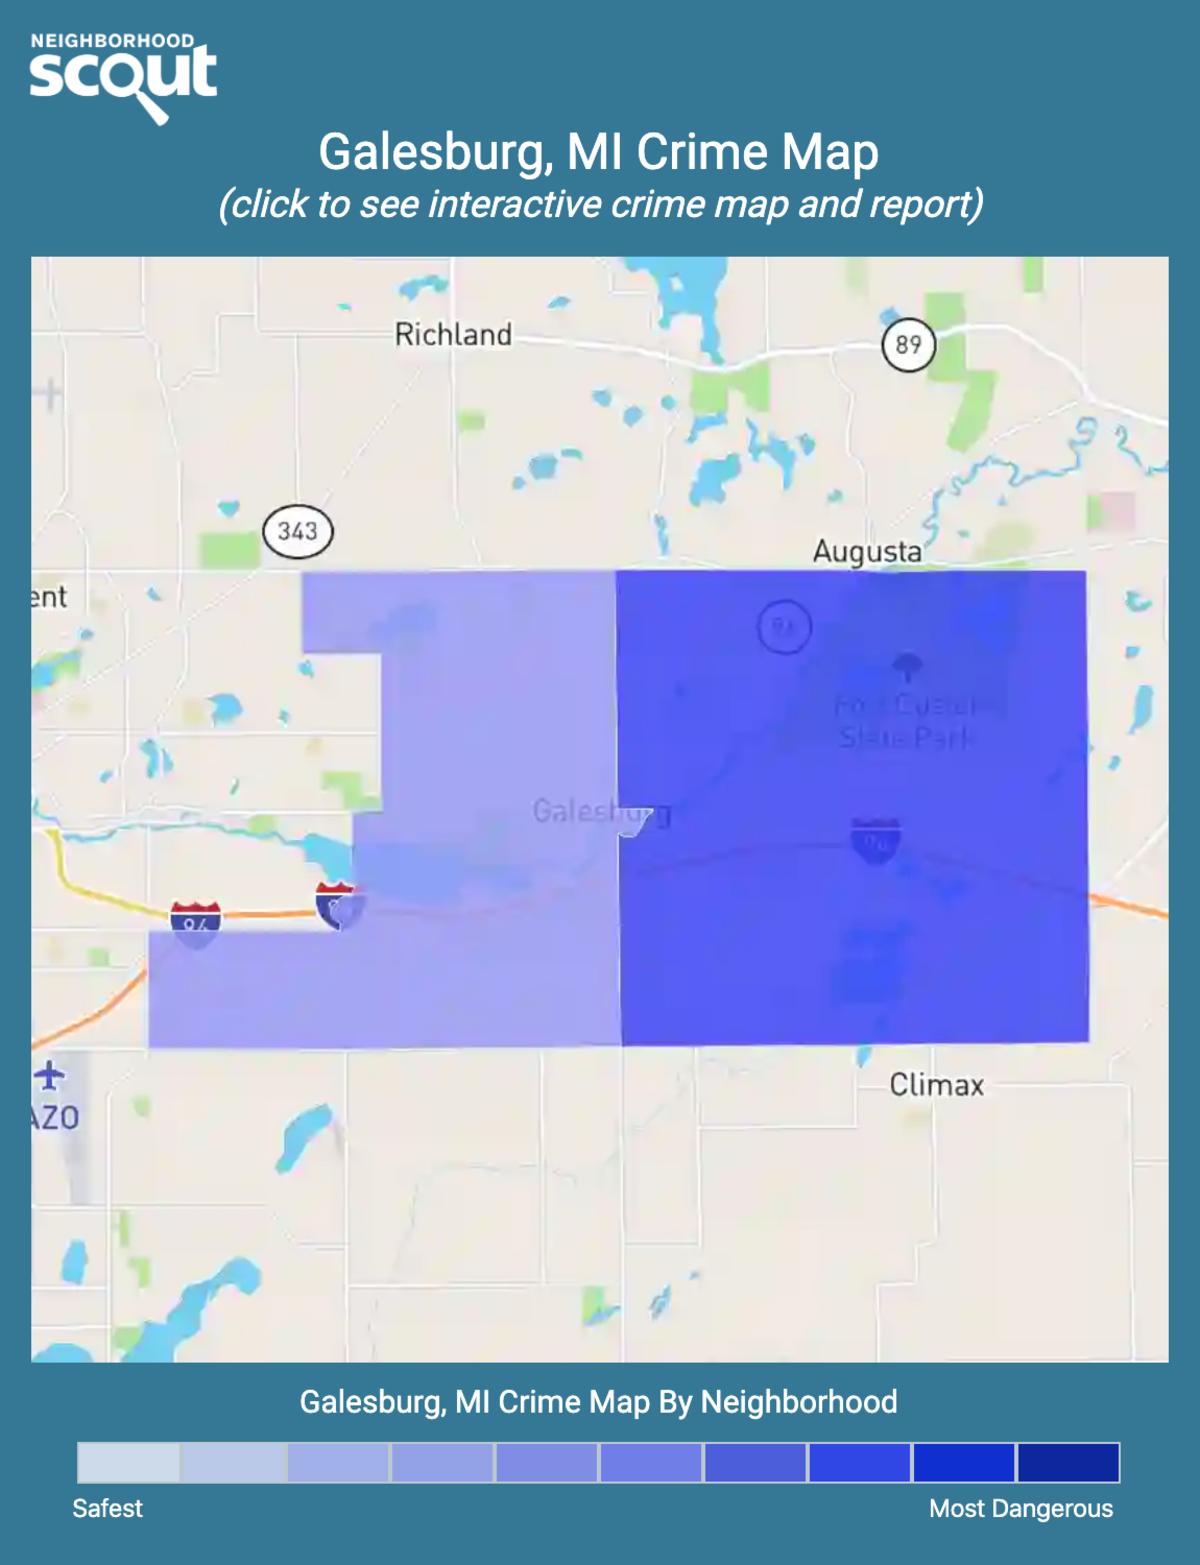 Galesburg, Michigan crime map